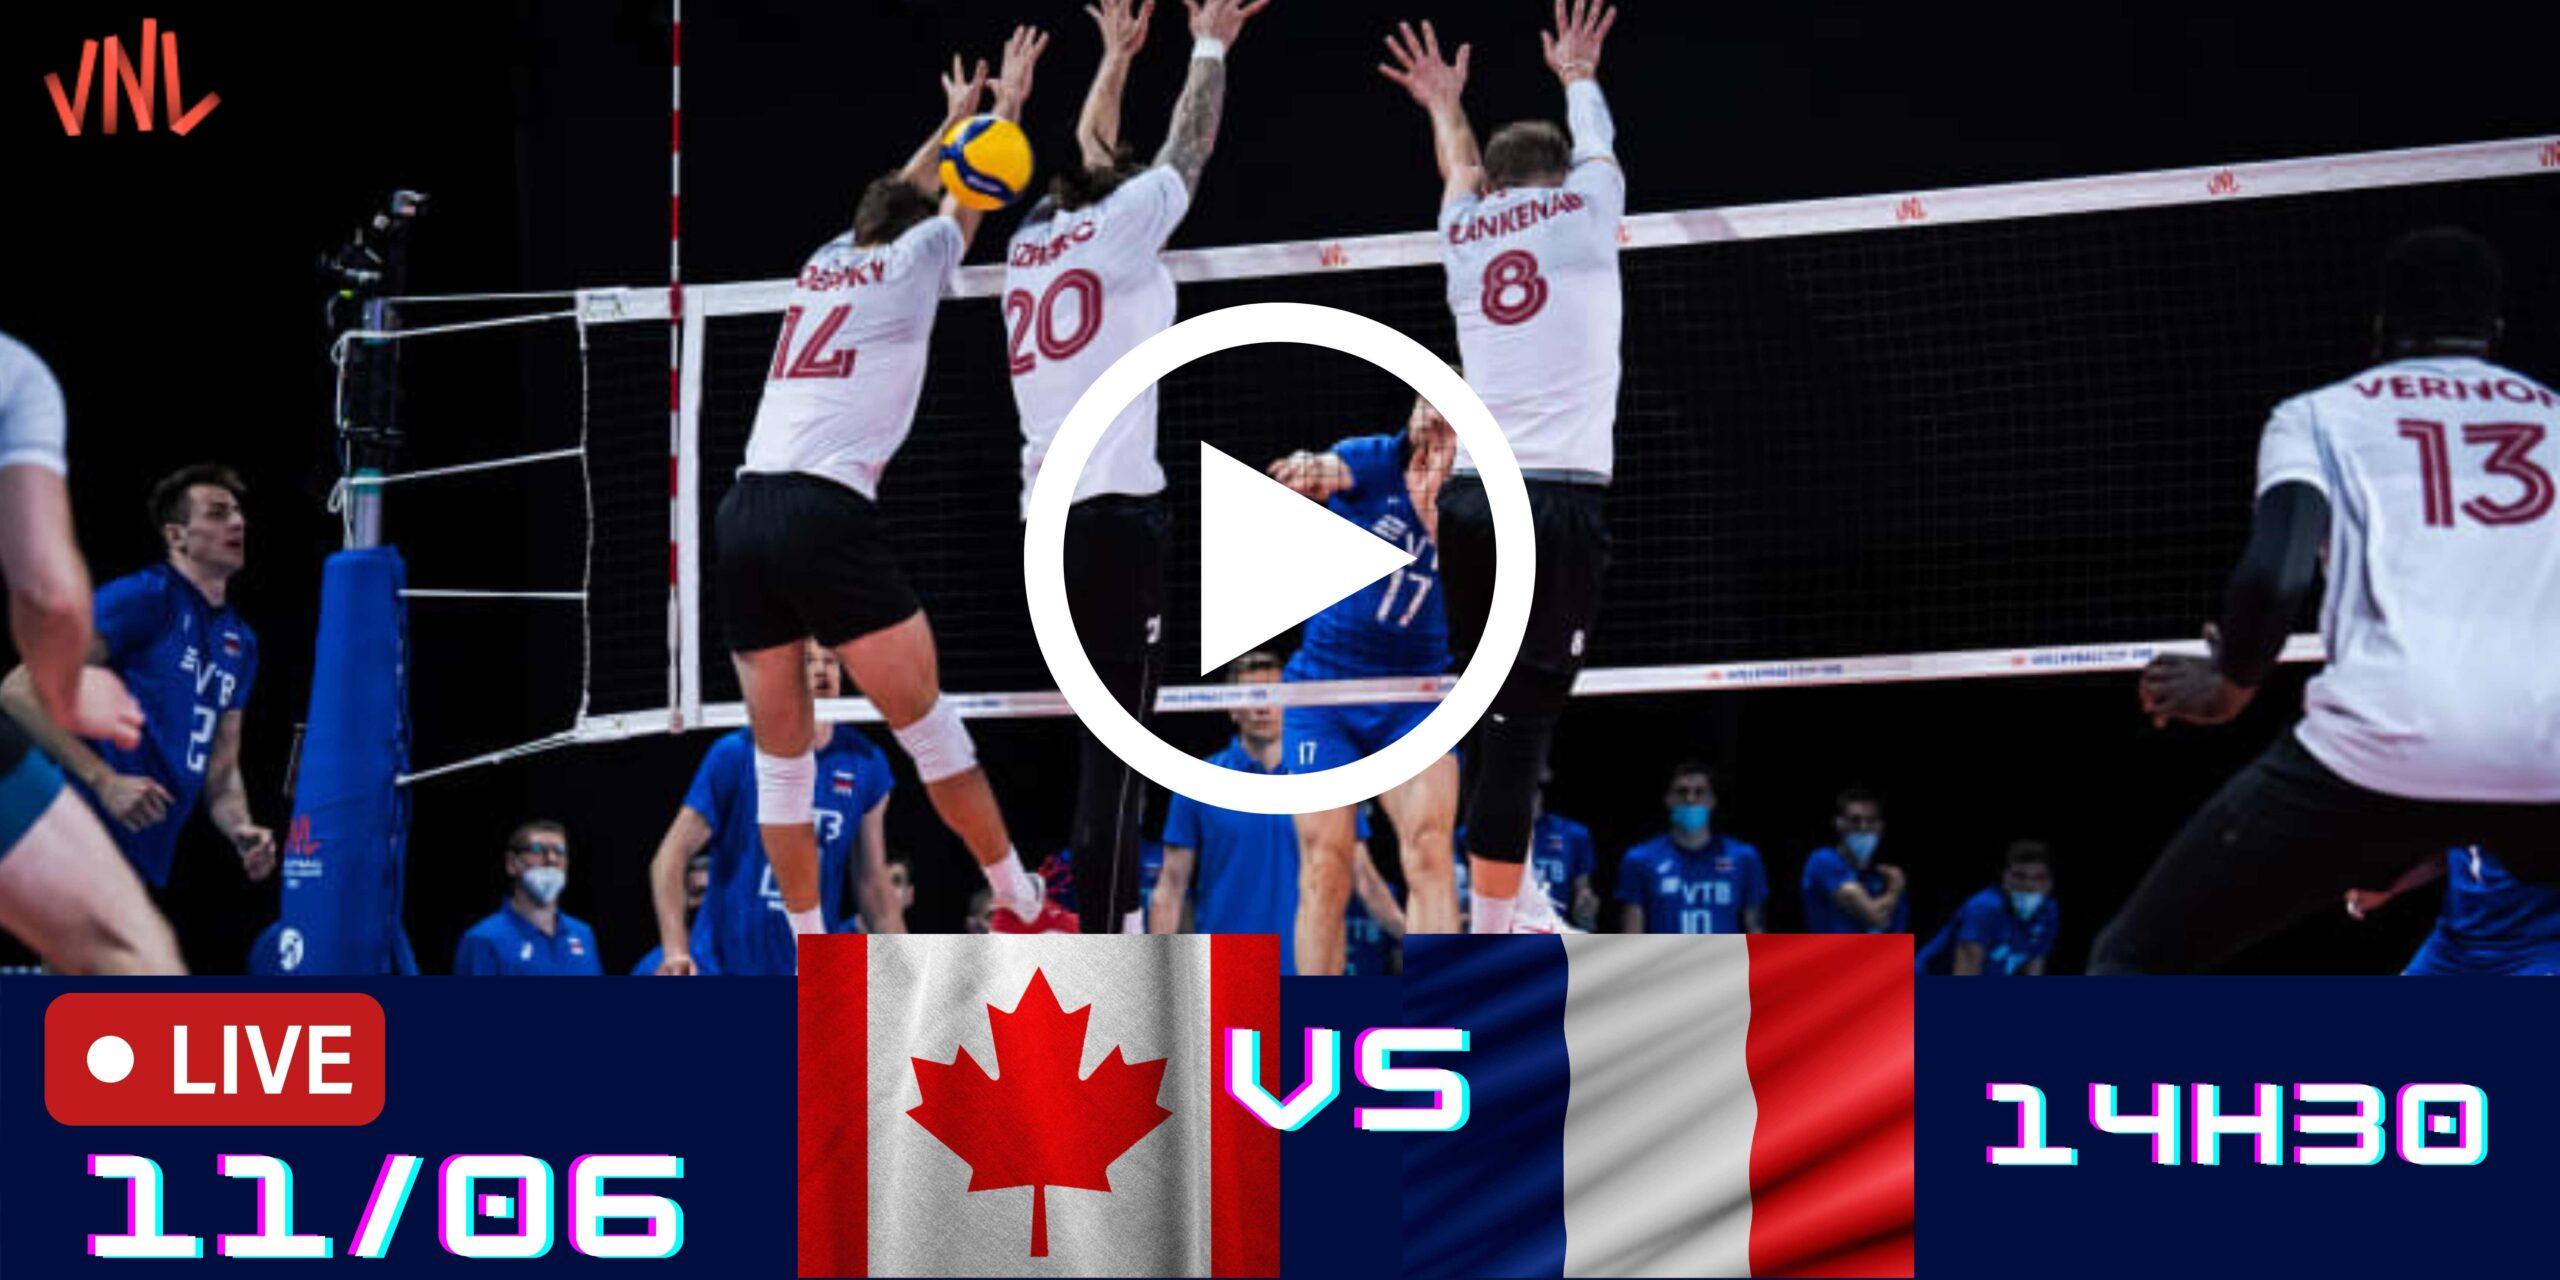 AO VIVO: Canadá vs França – Liga das Nações – 11/06 – 14h30